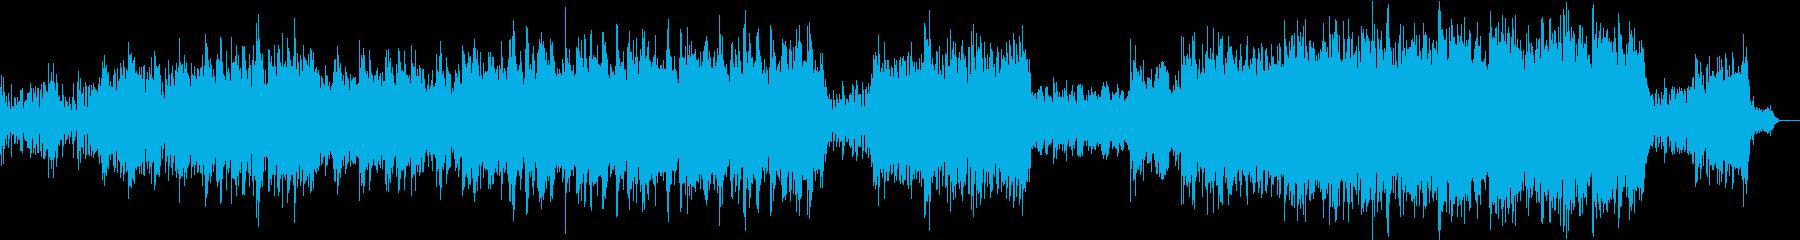 サスペンス・怪しげ・恐怖・暗い・ホラー曲の再生済みの波形